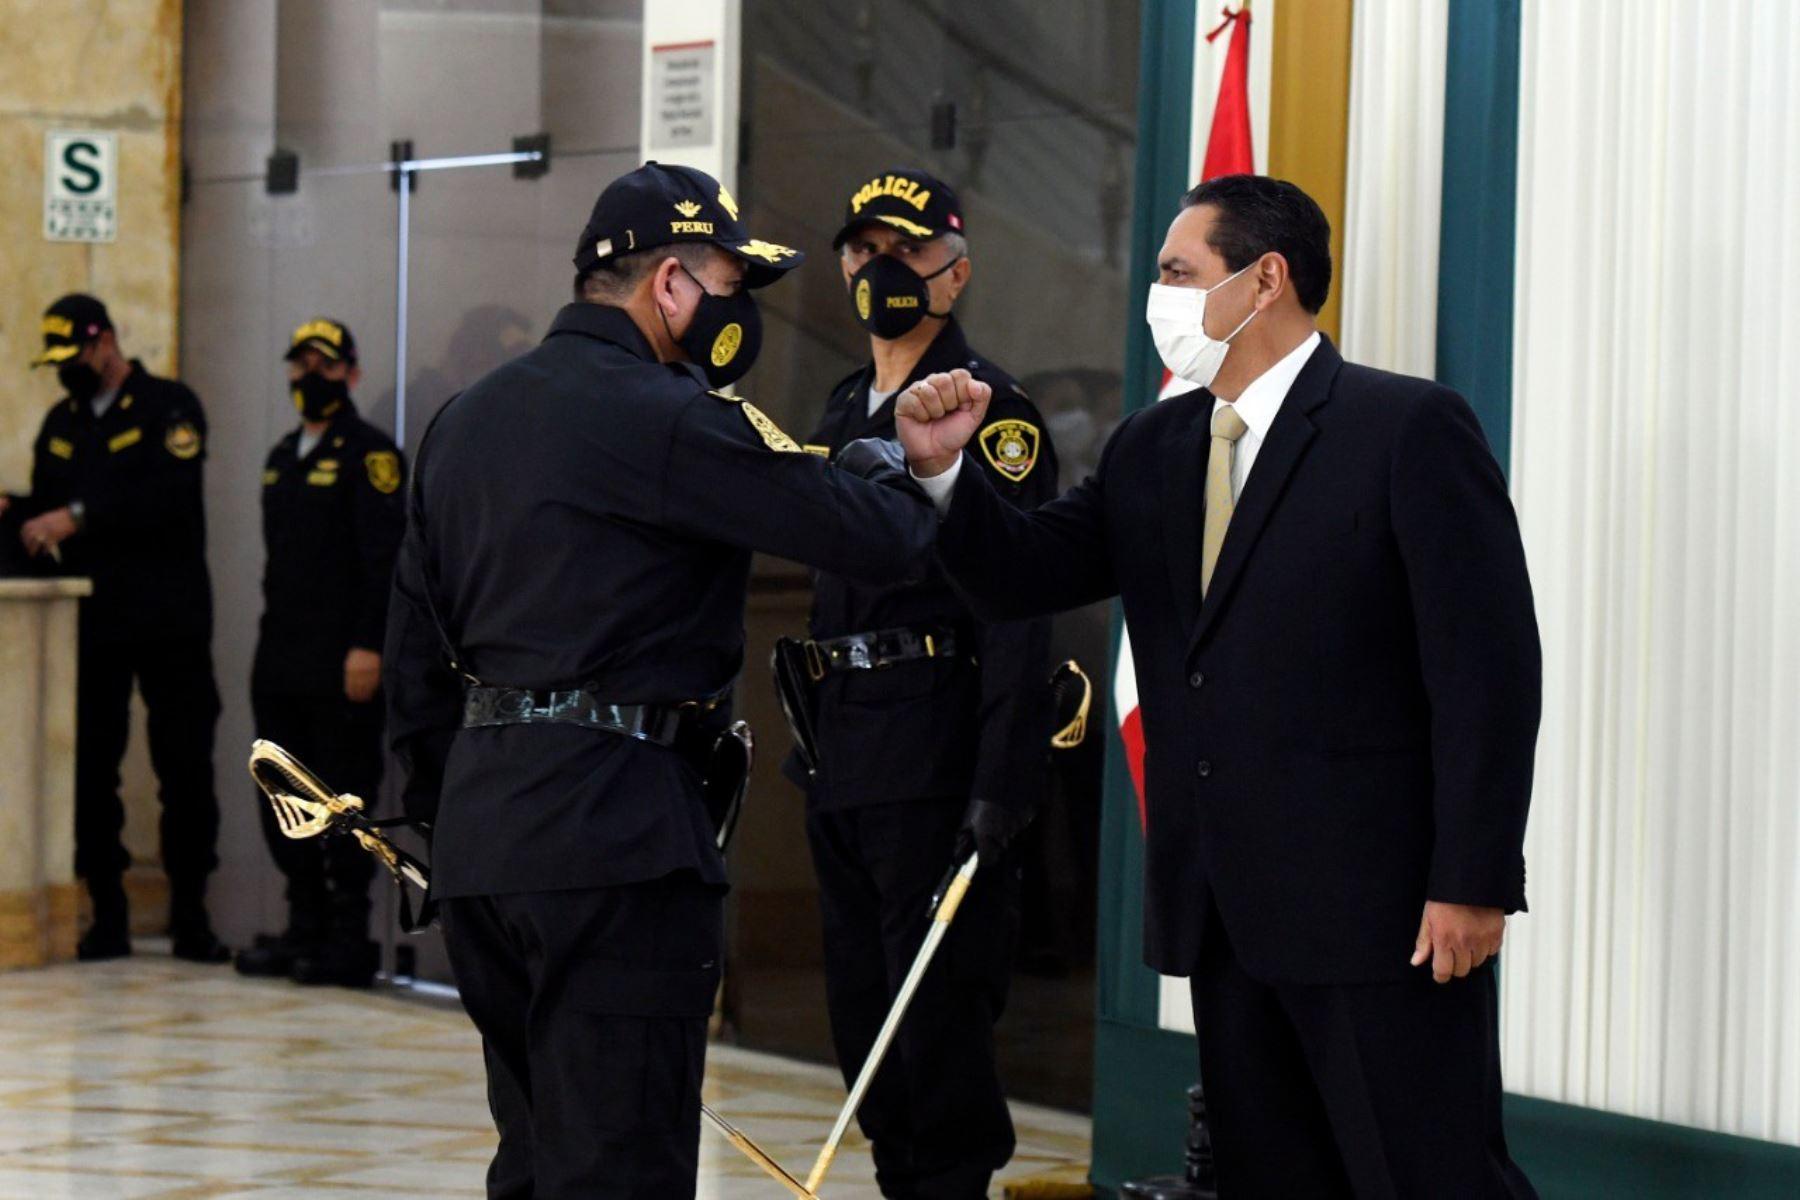 Ministro del Interior, Jorge Montoya, presidió el acto de reconocimiento al Alto Mando de la Policía Nacional del Perú.